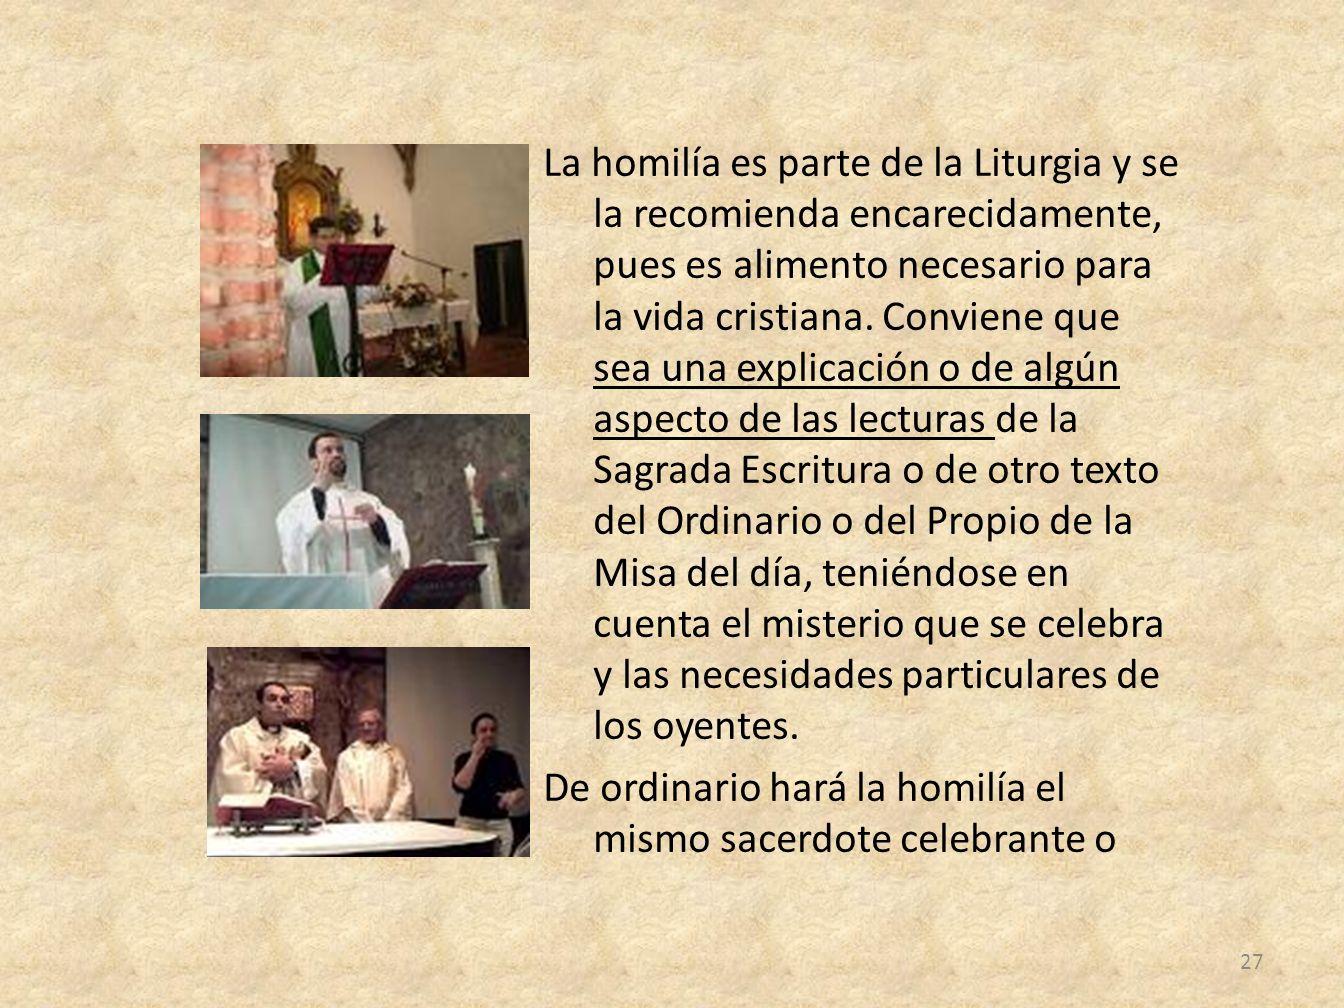 La homilía es parte de la Liturgia y se la recomienda encarecidamente, pues es alimento necesario para la vida cristiana.